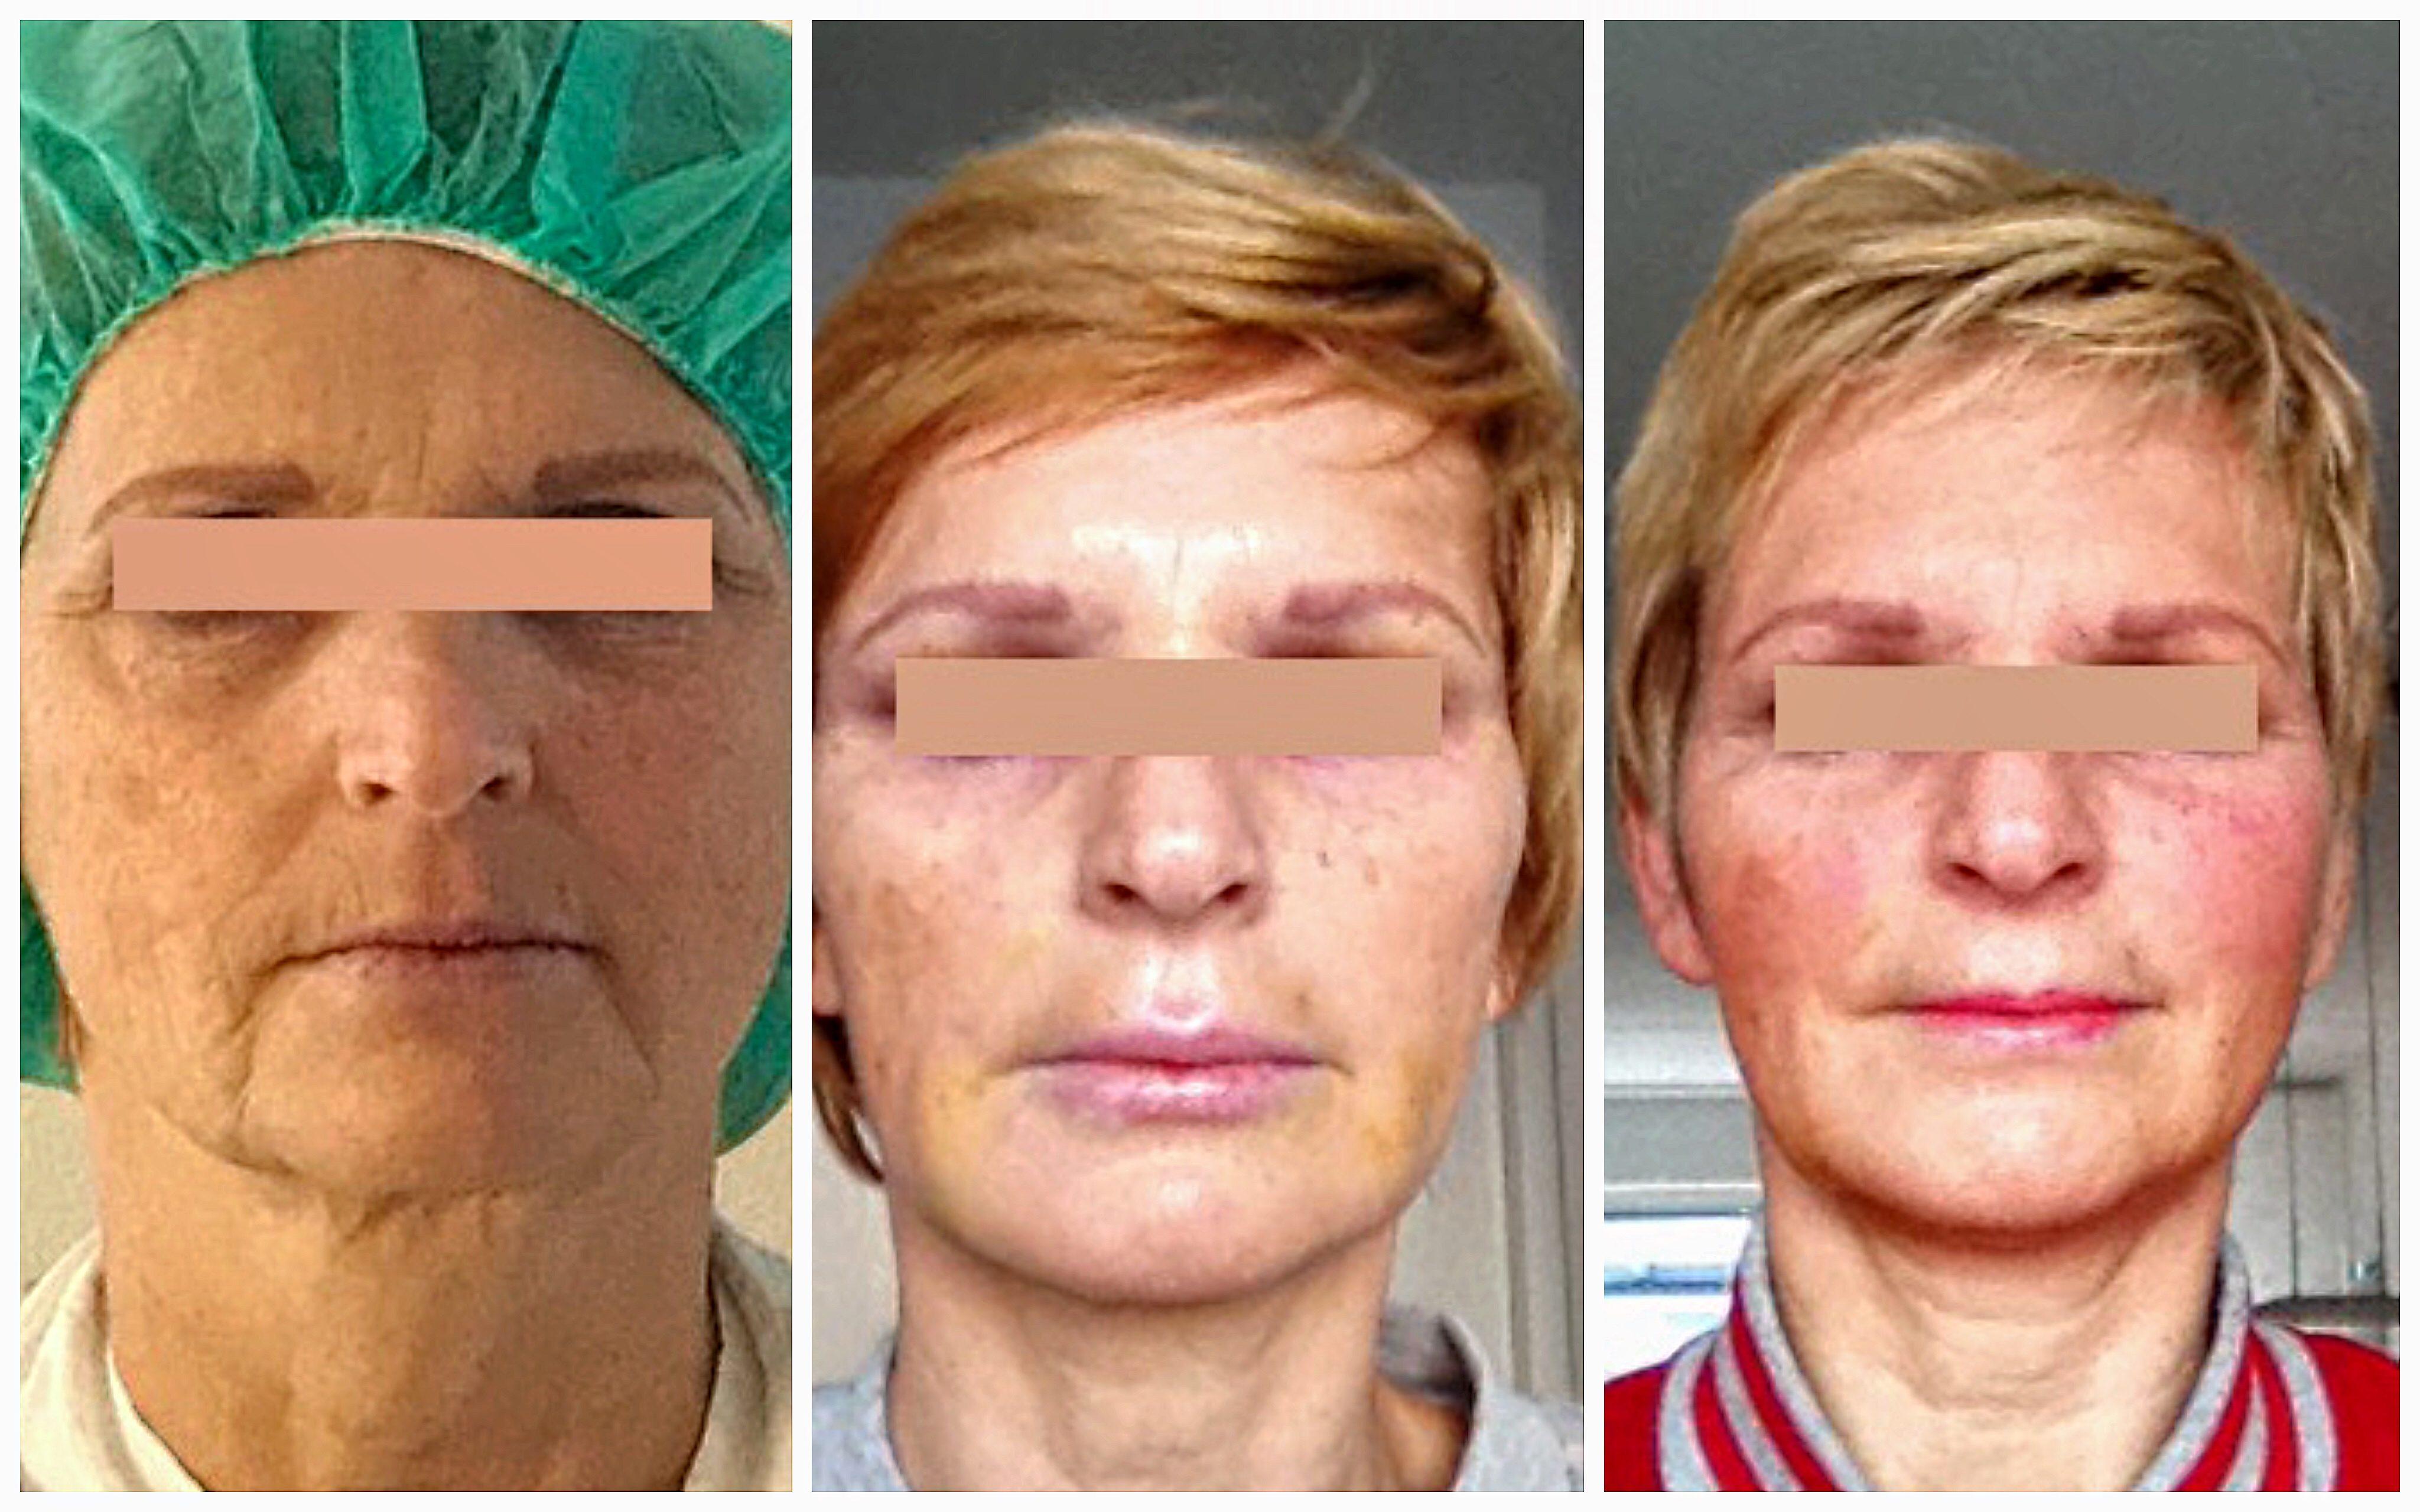 Lipofilling van het gezicht. Links op de foto is voor de behandeling, rechts is na behandeling. De jeugdigheid van het gezicht is helemaal terug incluis een frisse huid.